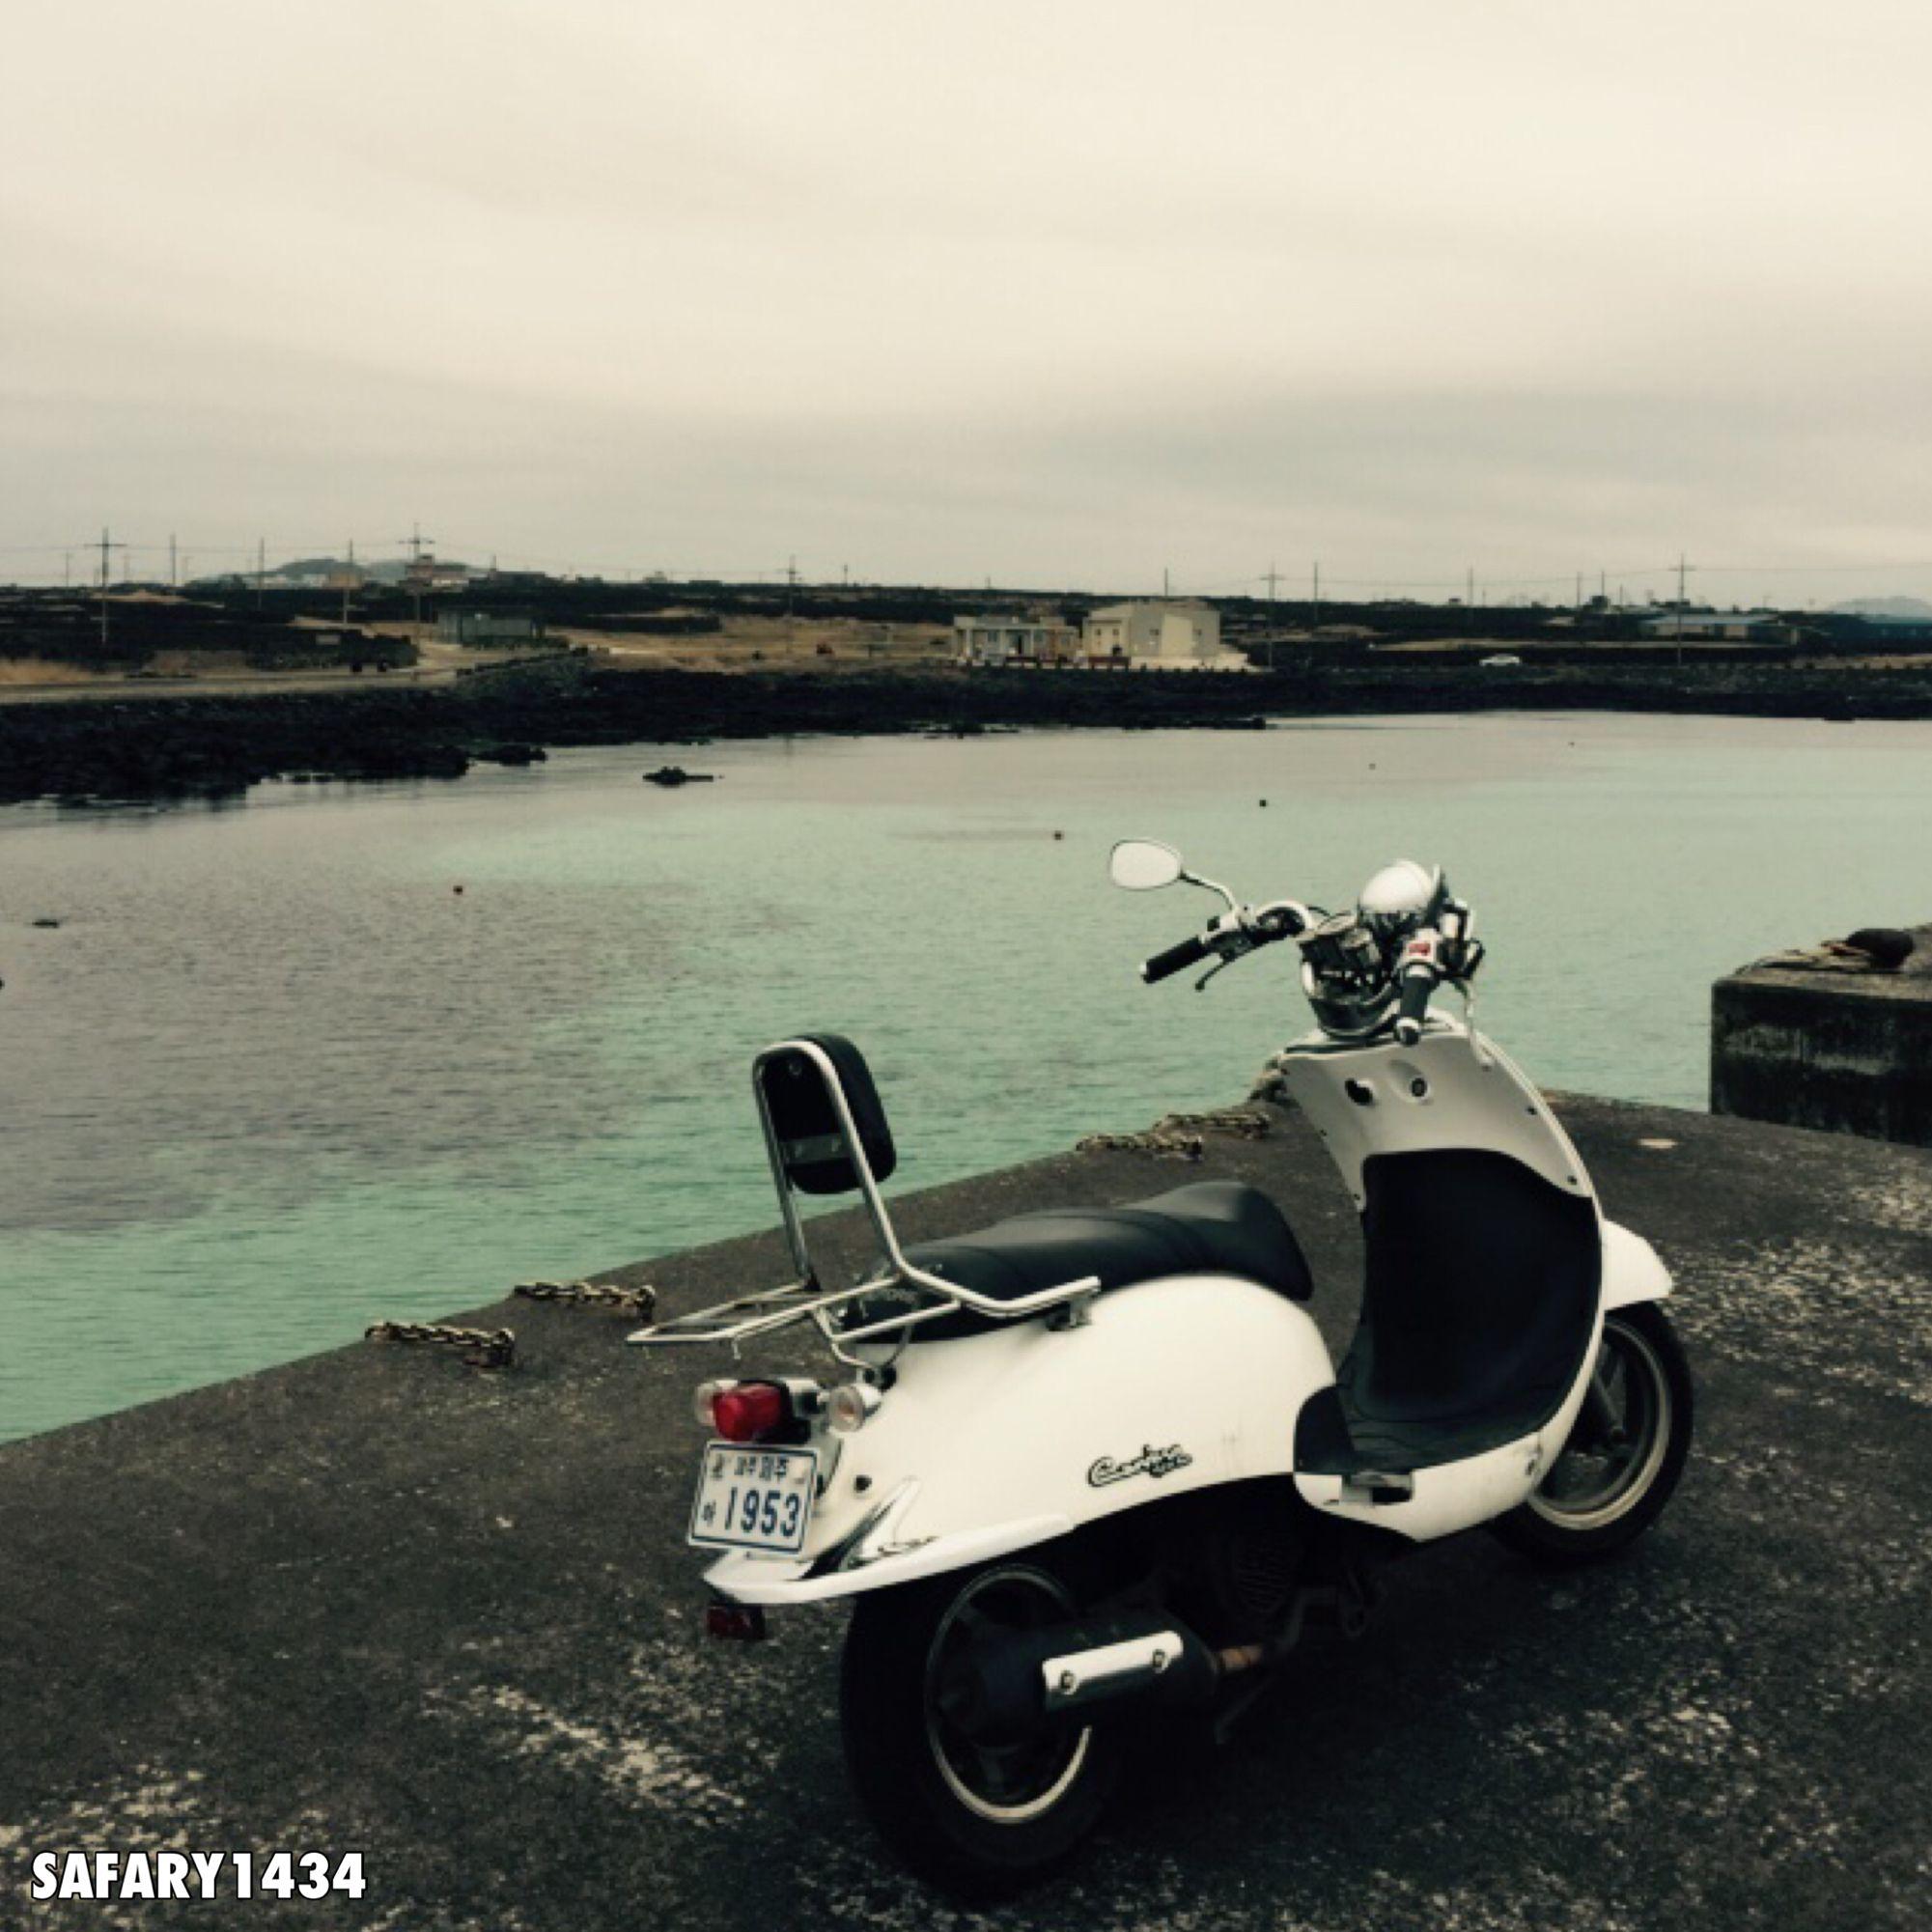 تصويري للدراجه الناريه التي يمكنك استئجارهافي جزيره دي يو القريبه من جزيره جيجيوا في كوريا Moped Vehicles Motorcycle